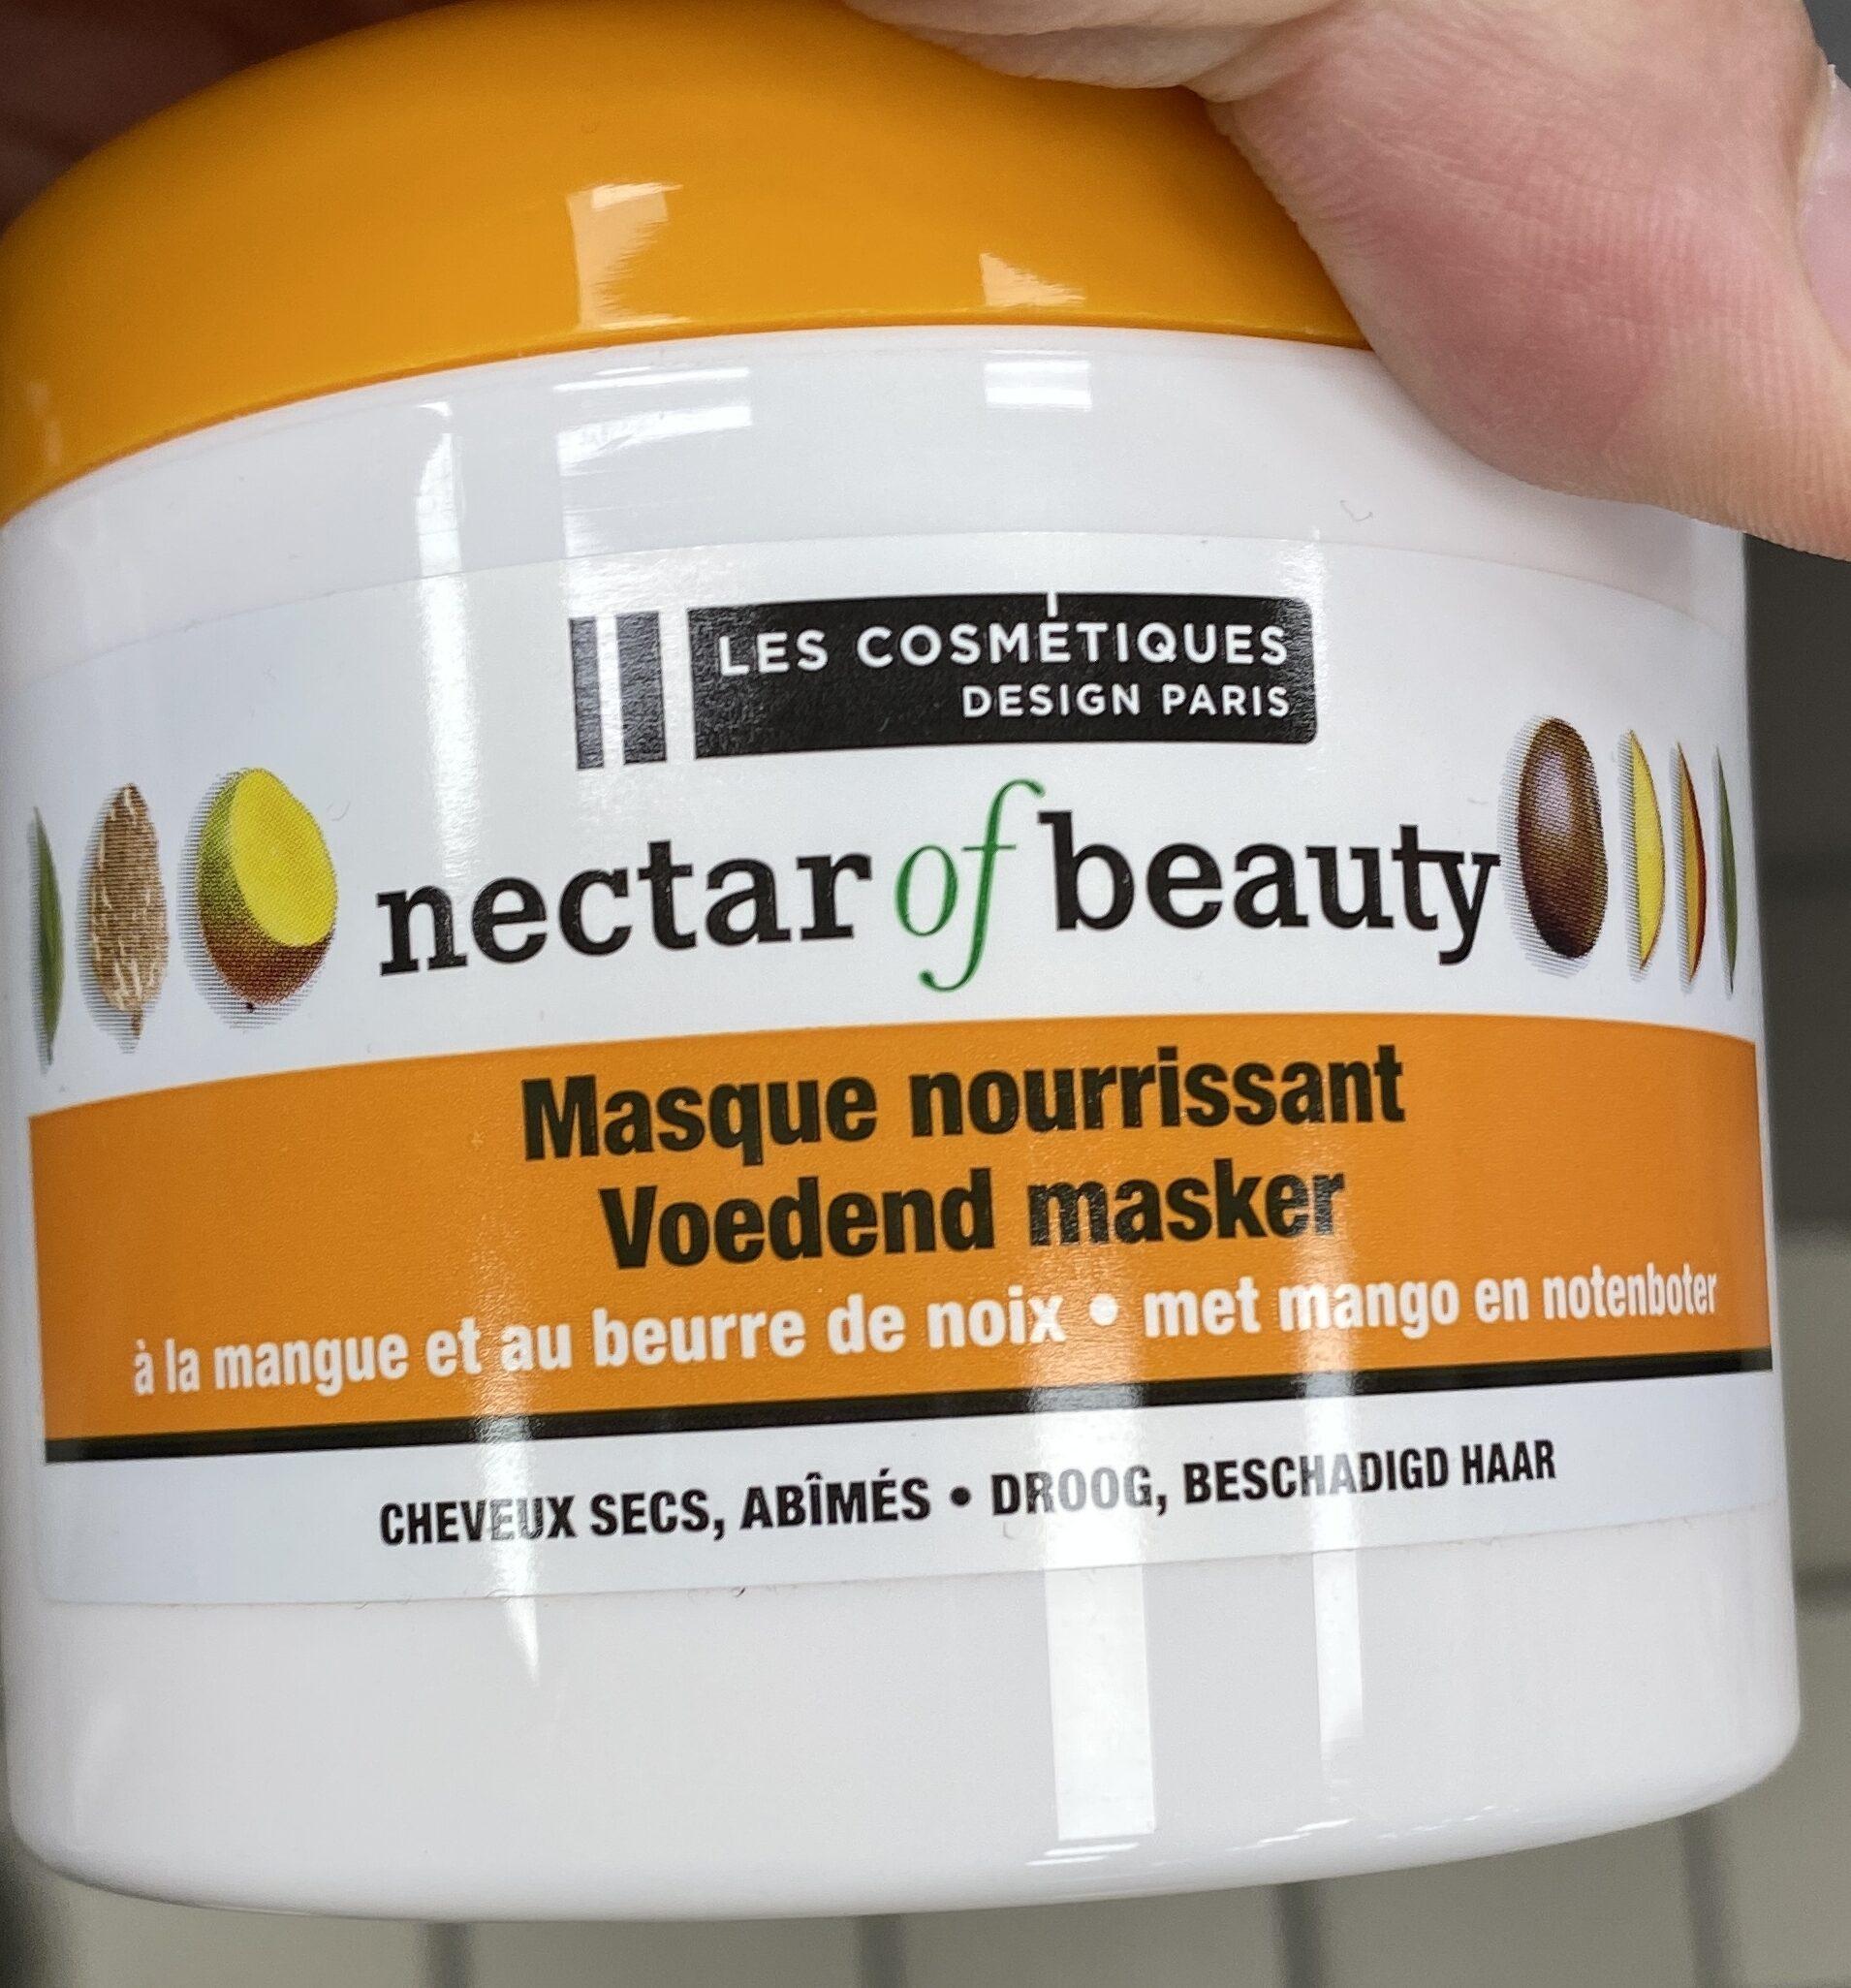 Masque nourrissant à la mangue et au beurre de noix - Produit - fr